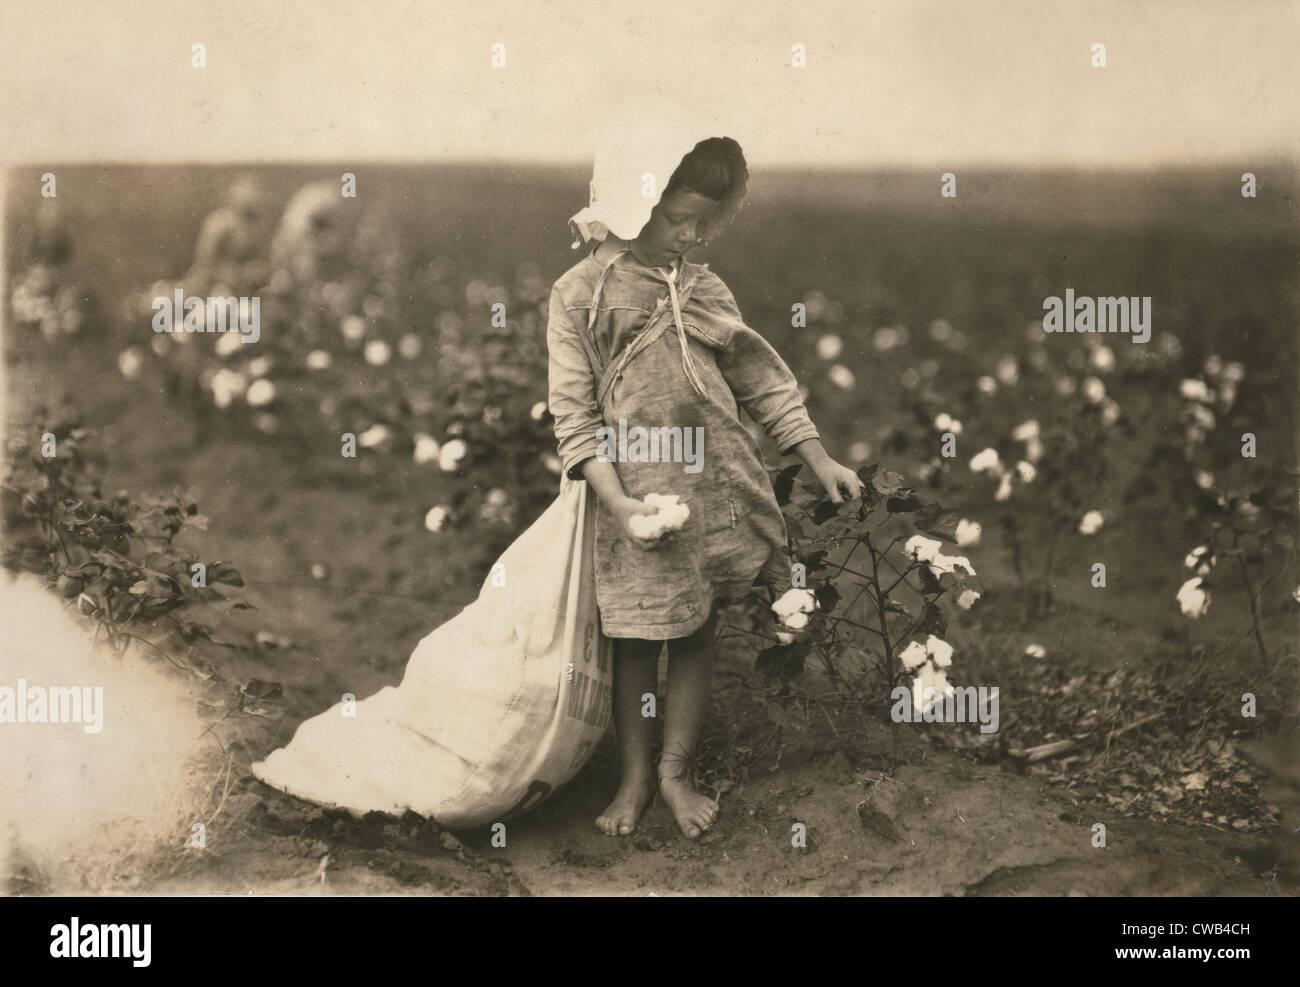 El trabajo infantil, una muchacha recogiendo algodón, Vera Hill, de 5 años de edad picks 25 libras al Imagen De Stock